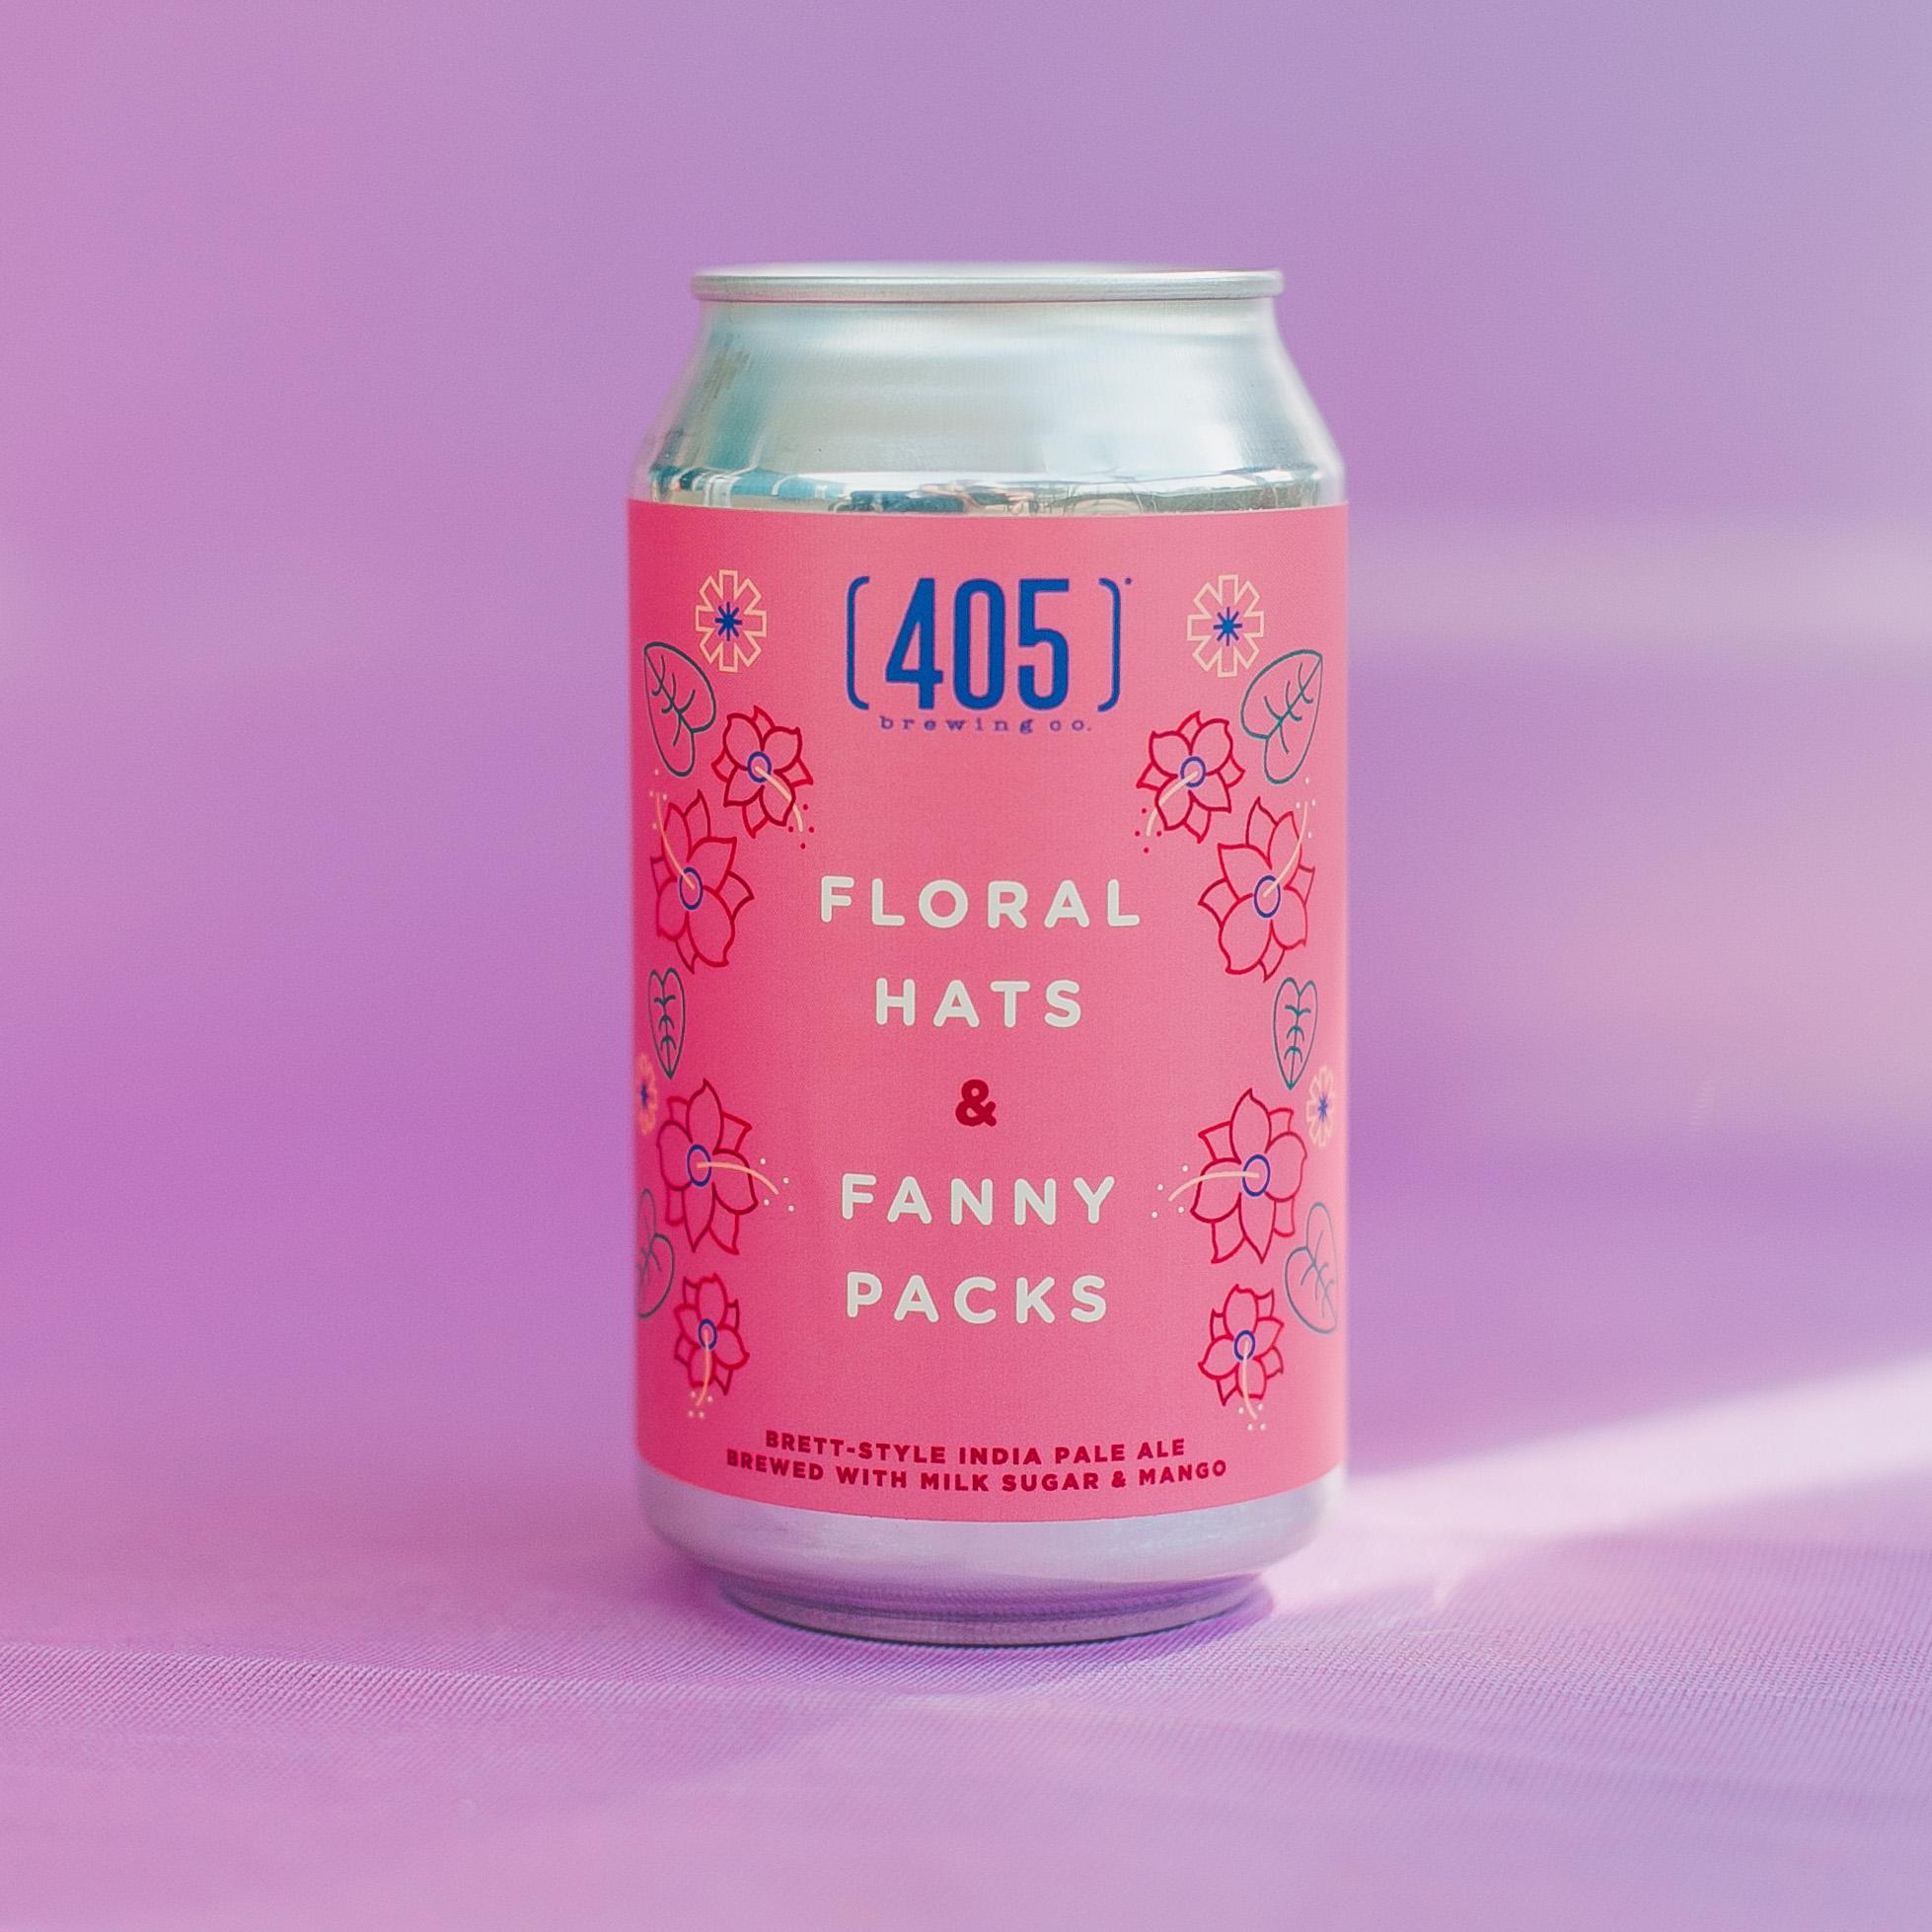 FloralHatsAndFannyPacks_405Brewing-2-1.jpg